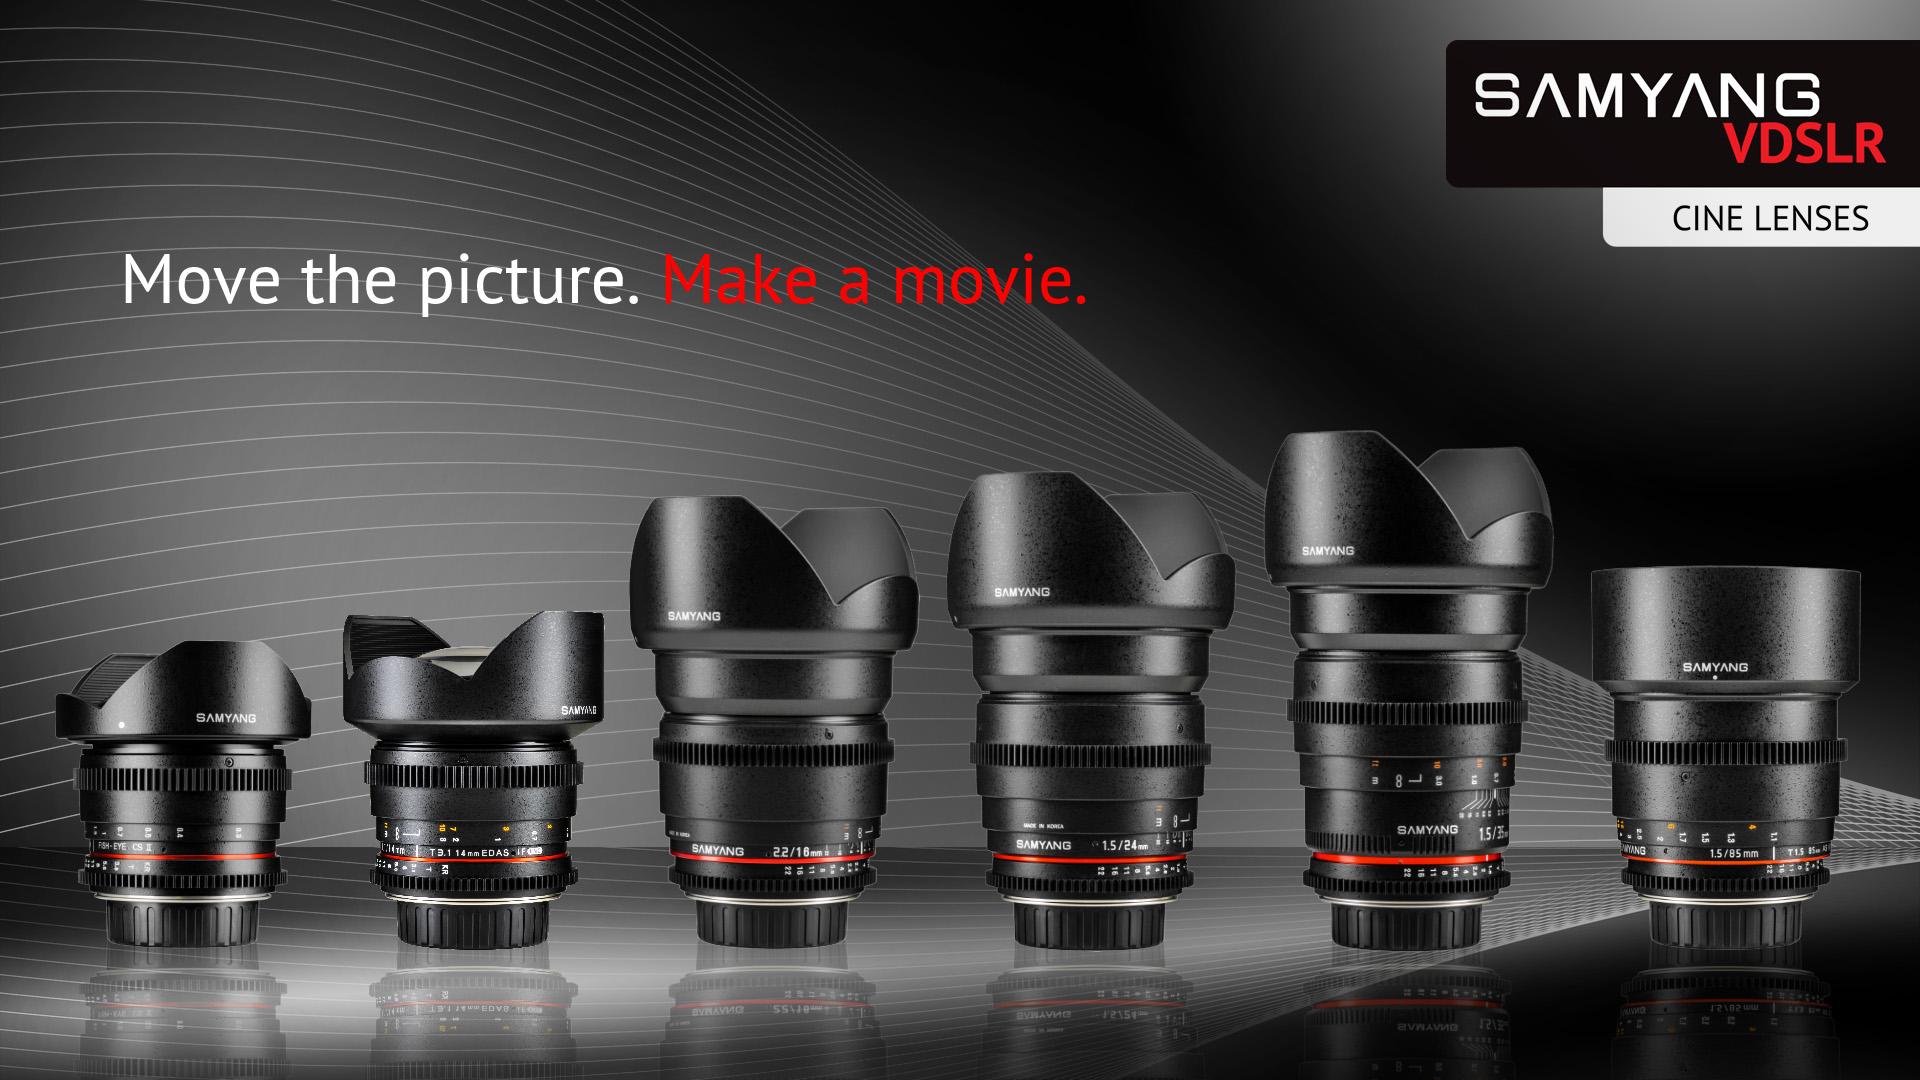 Samyang-Releases-6-New-Cine-Lenses-for-Pentax-K-mount-411714-2